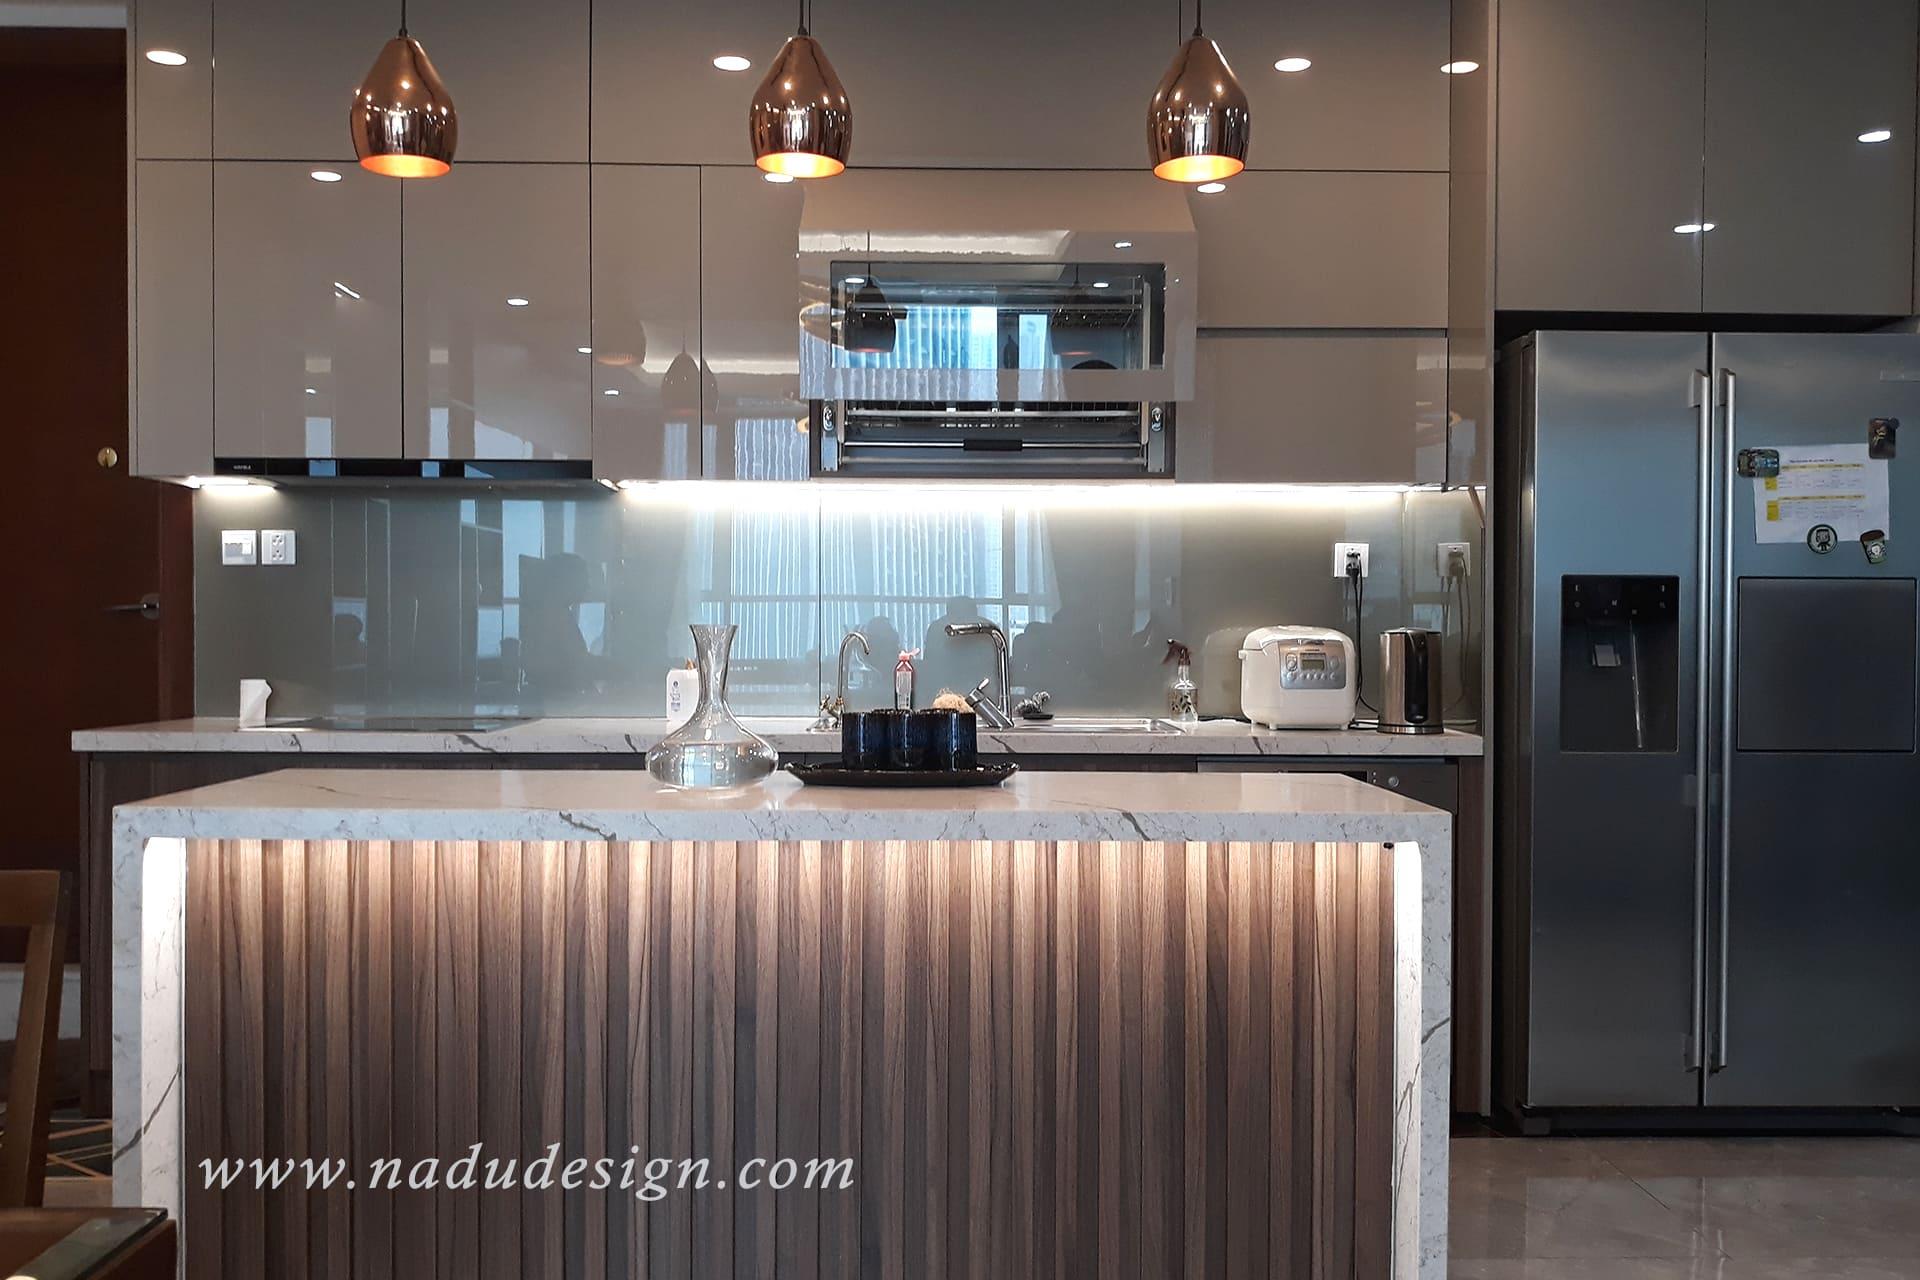 Báo giá hoàn thiện thi công nội thất chung cư đẹp-phòng bếp